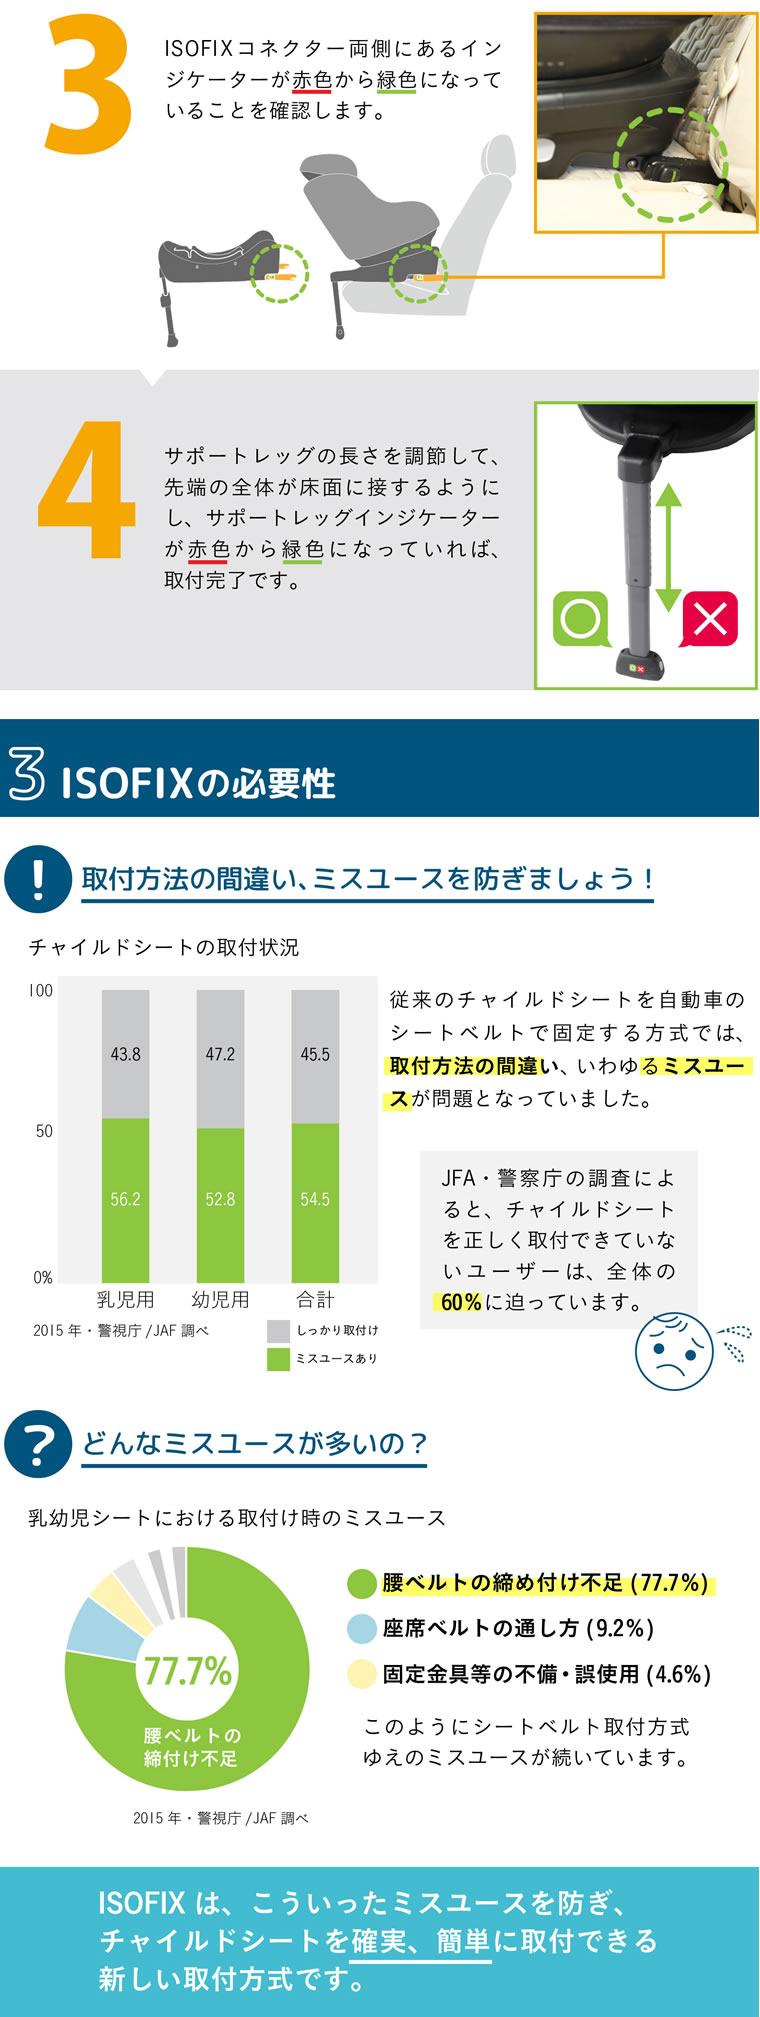 ISOFIXの必要性